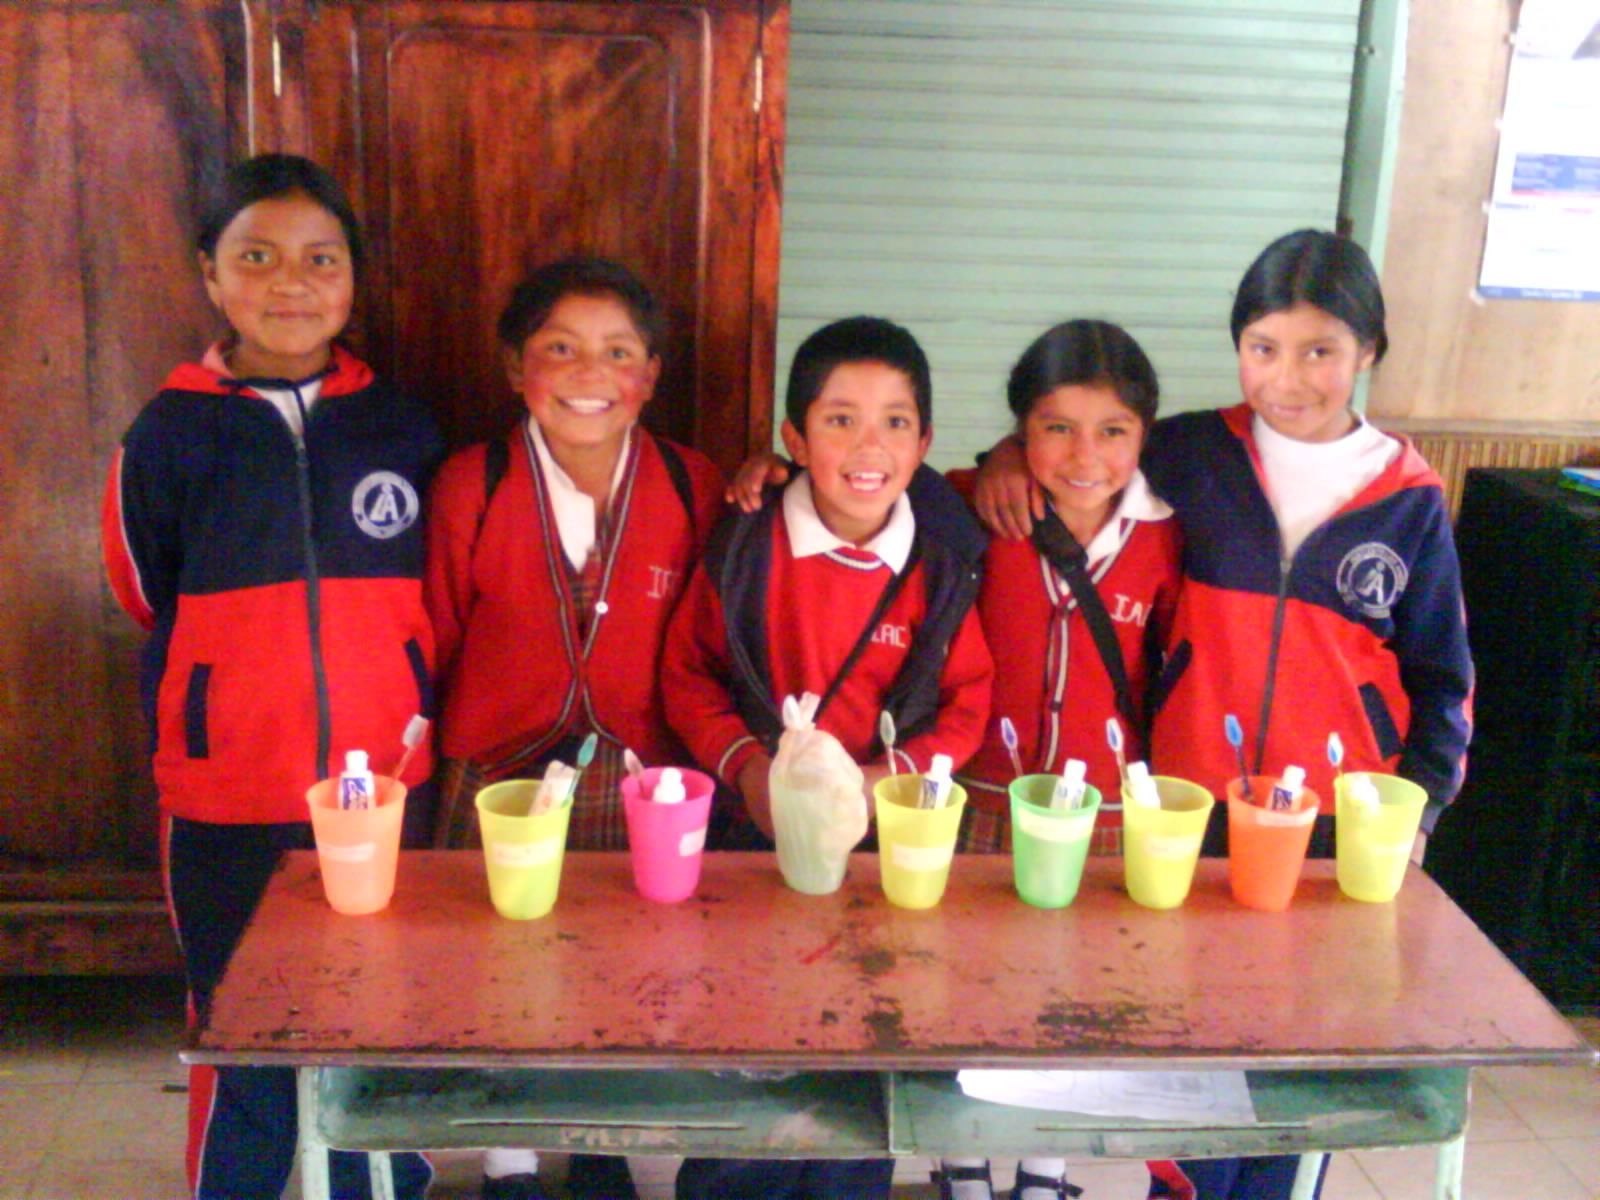 Alumnos colegio rector Luis Iván Caipe Suenan